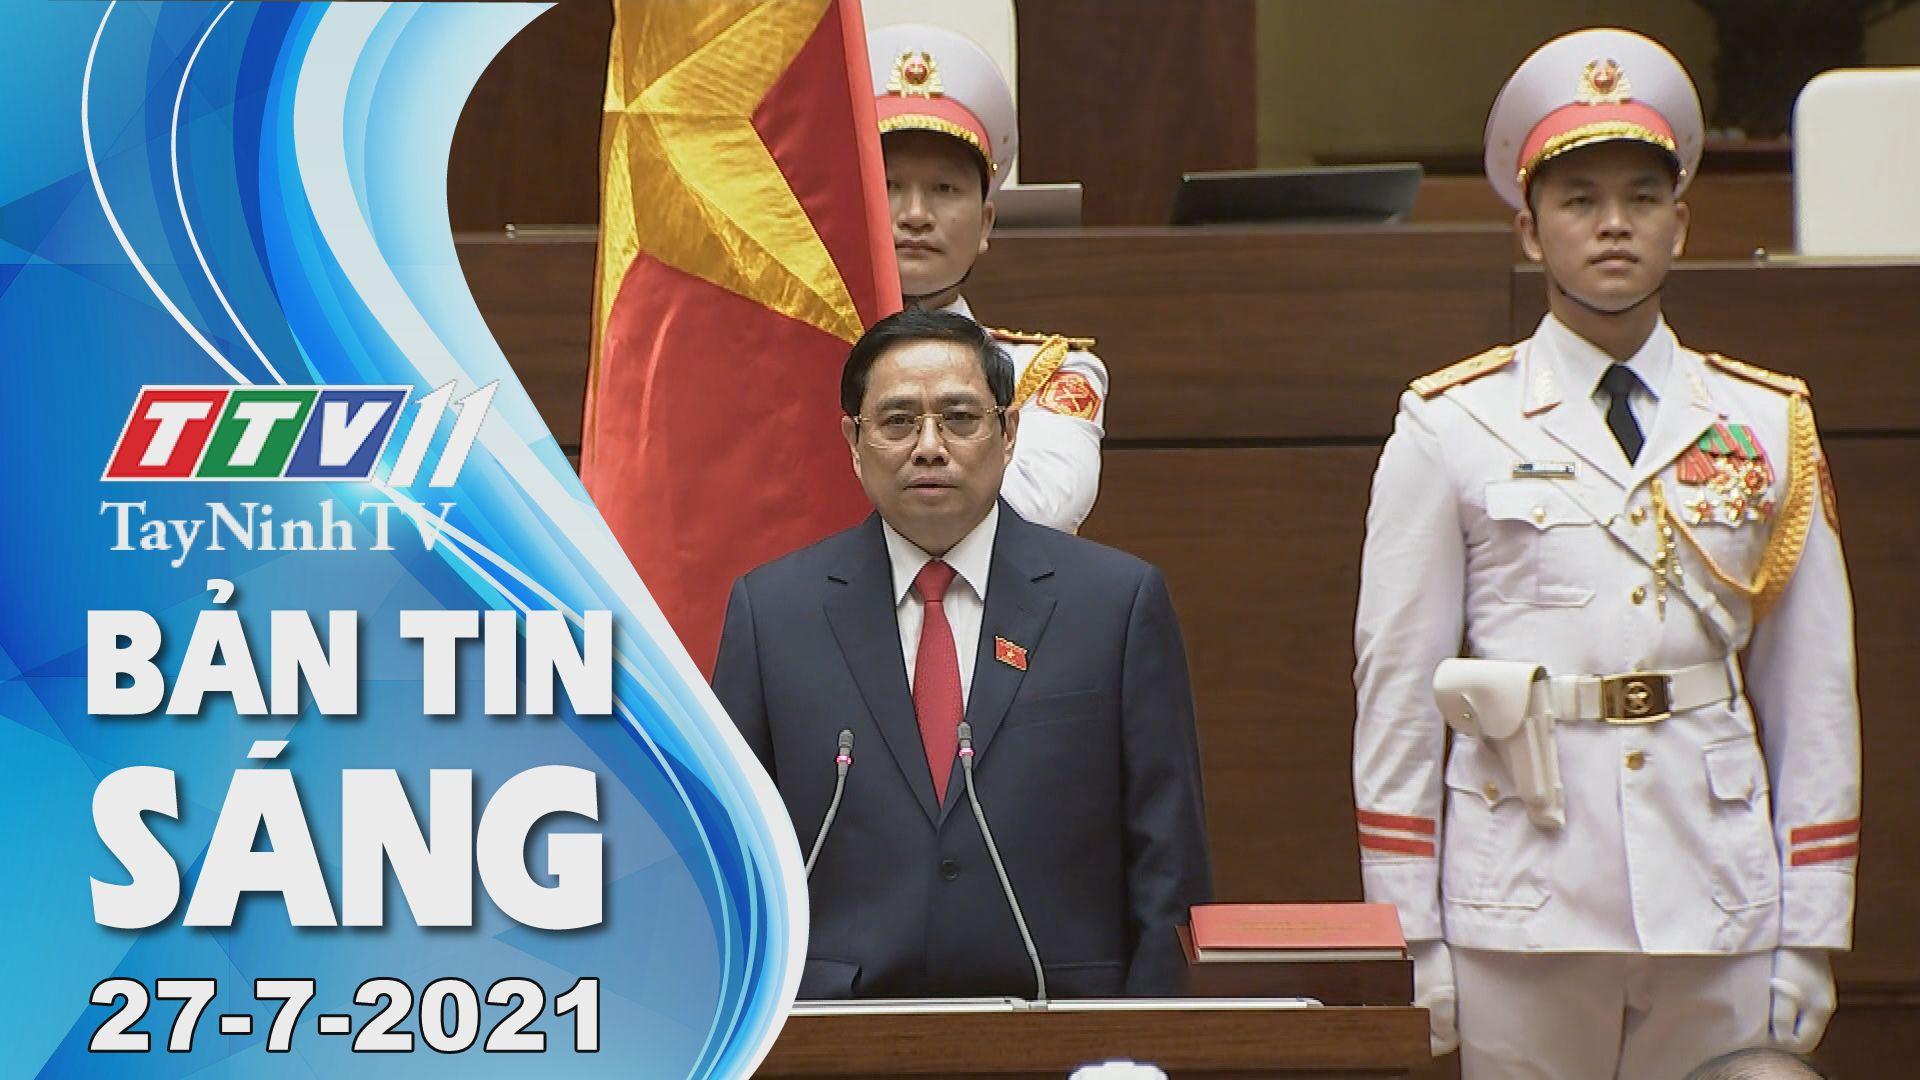 Bản tin sáng 27-7-2021 | Tin tức hôm nay | TayNinhTV